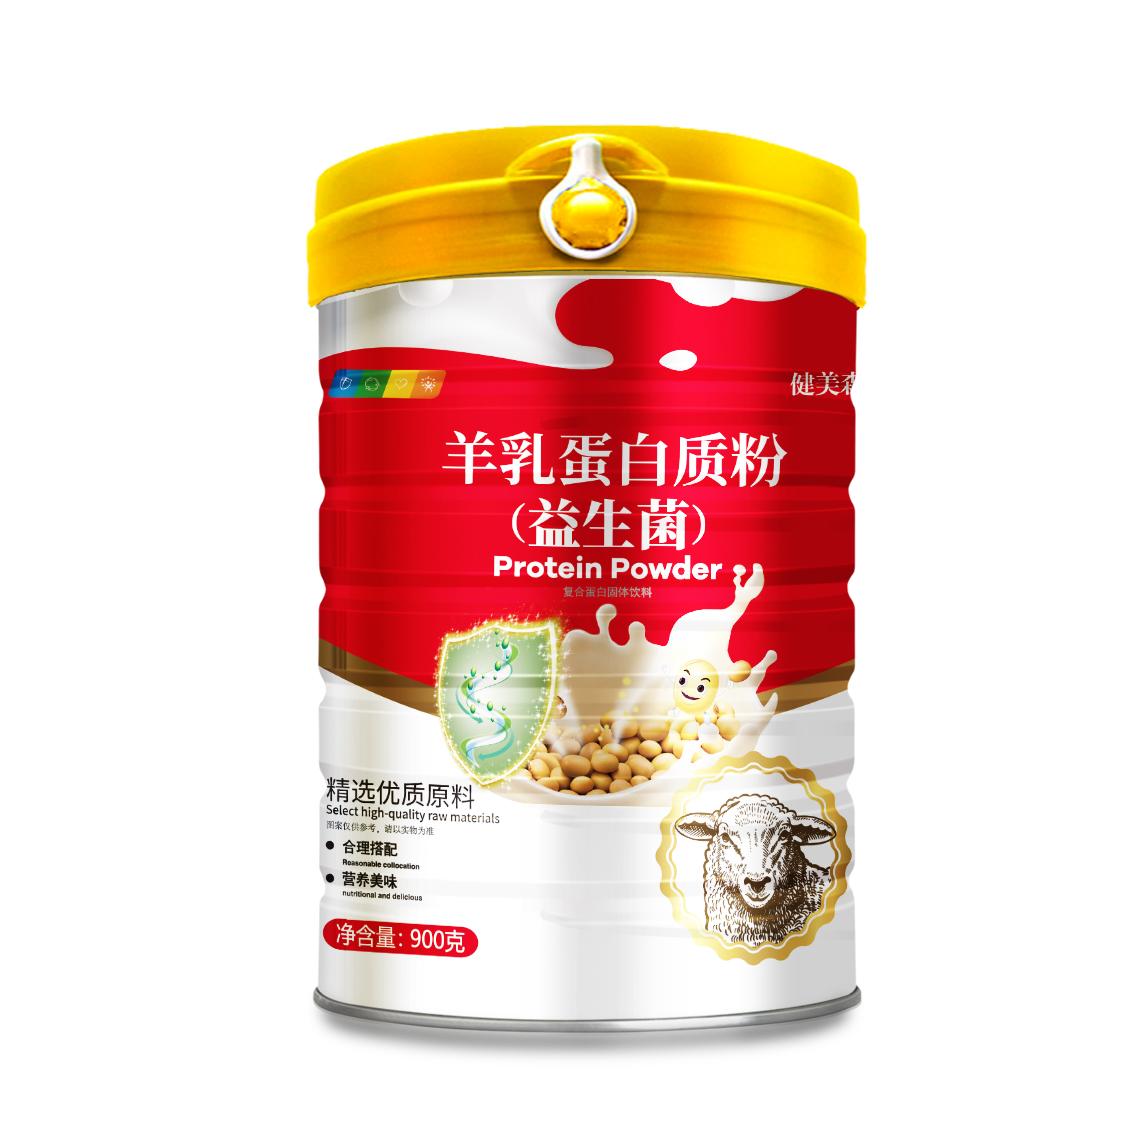 羊乳蛋白质粉(益生菌)